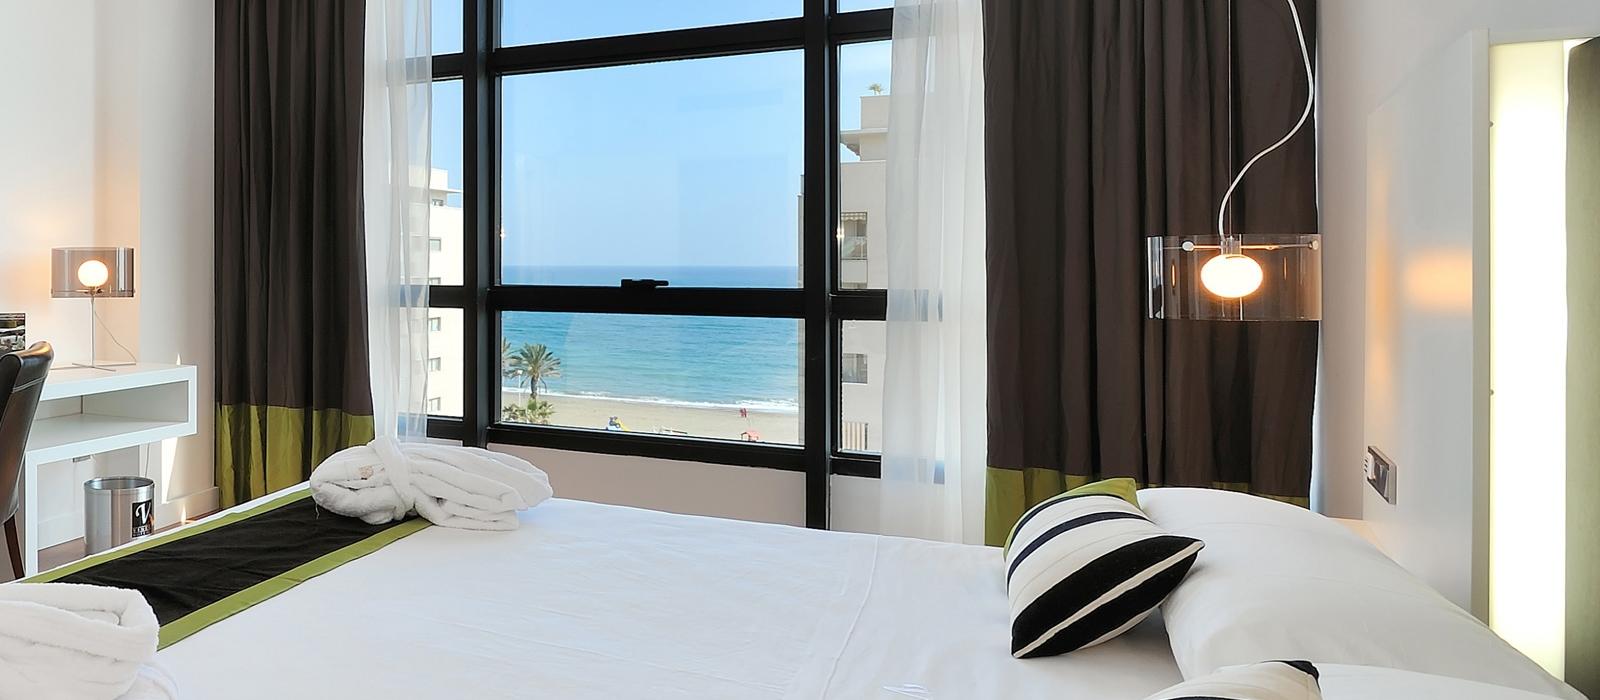 Vista sul Mare - Camere Hotel Malaga - Vincci Hoteles